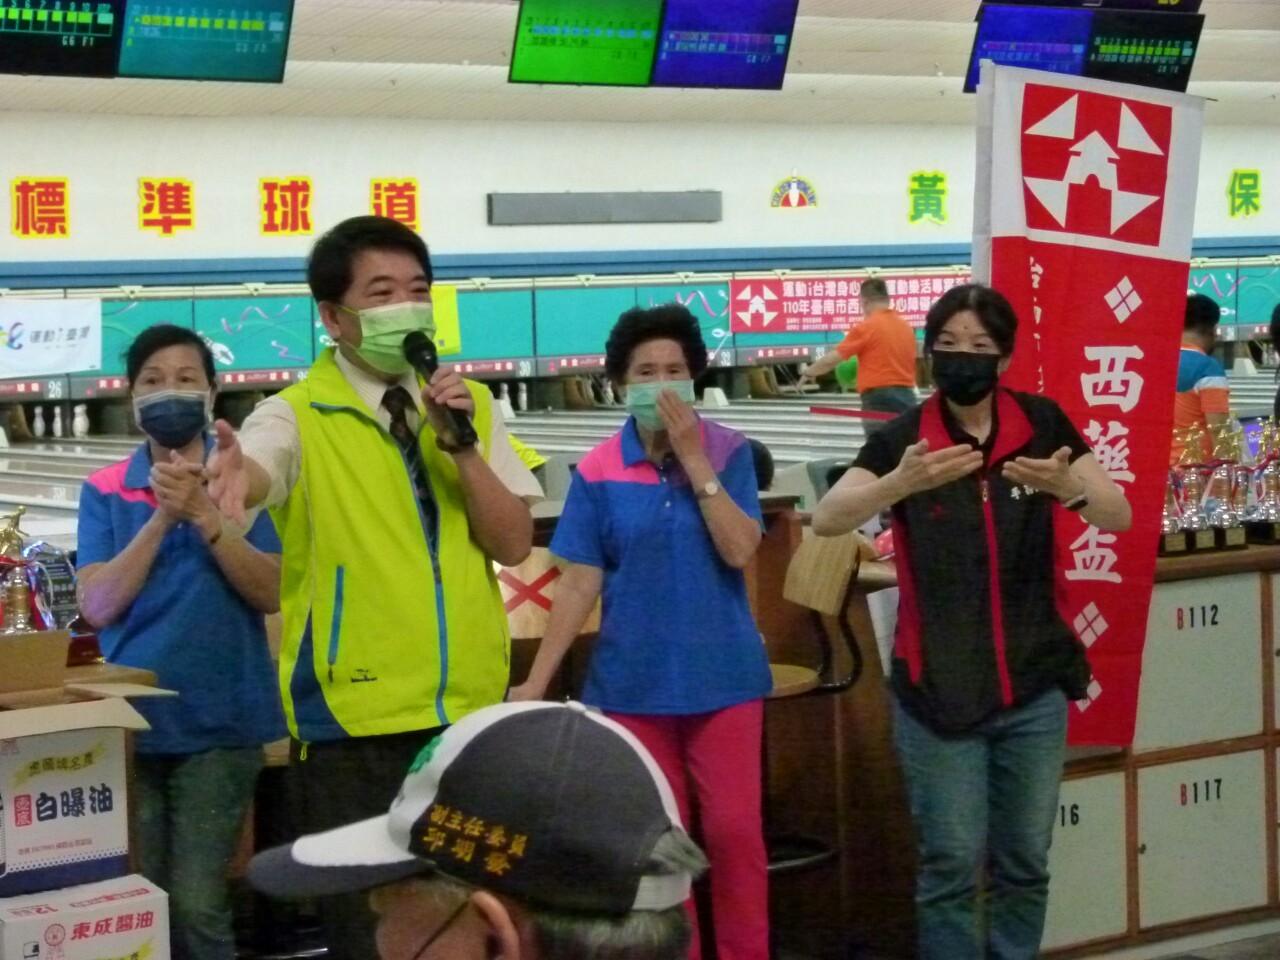 110年度公益活動臺南市西藥盃身心障礙者保齡球賽於黃金保齡球館舉行。_210830_32